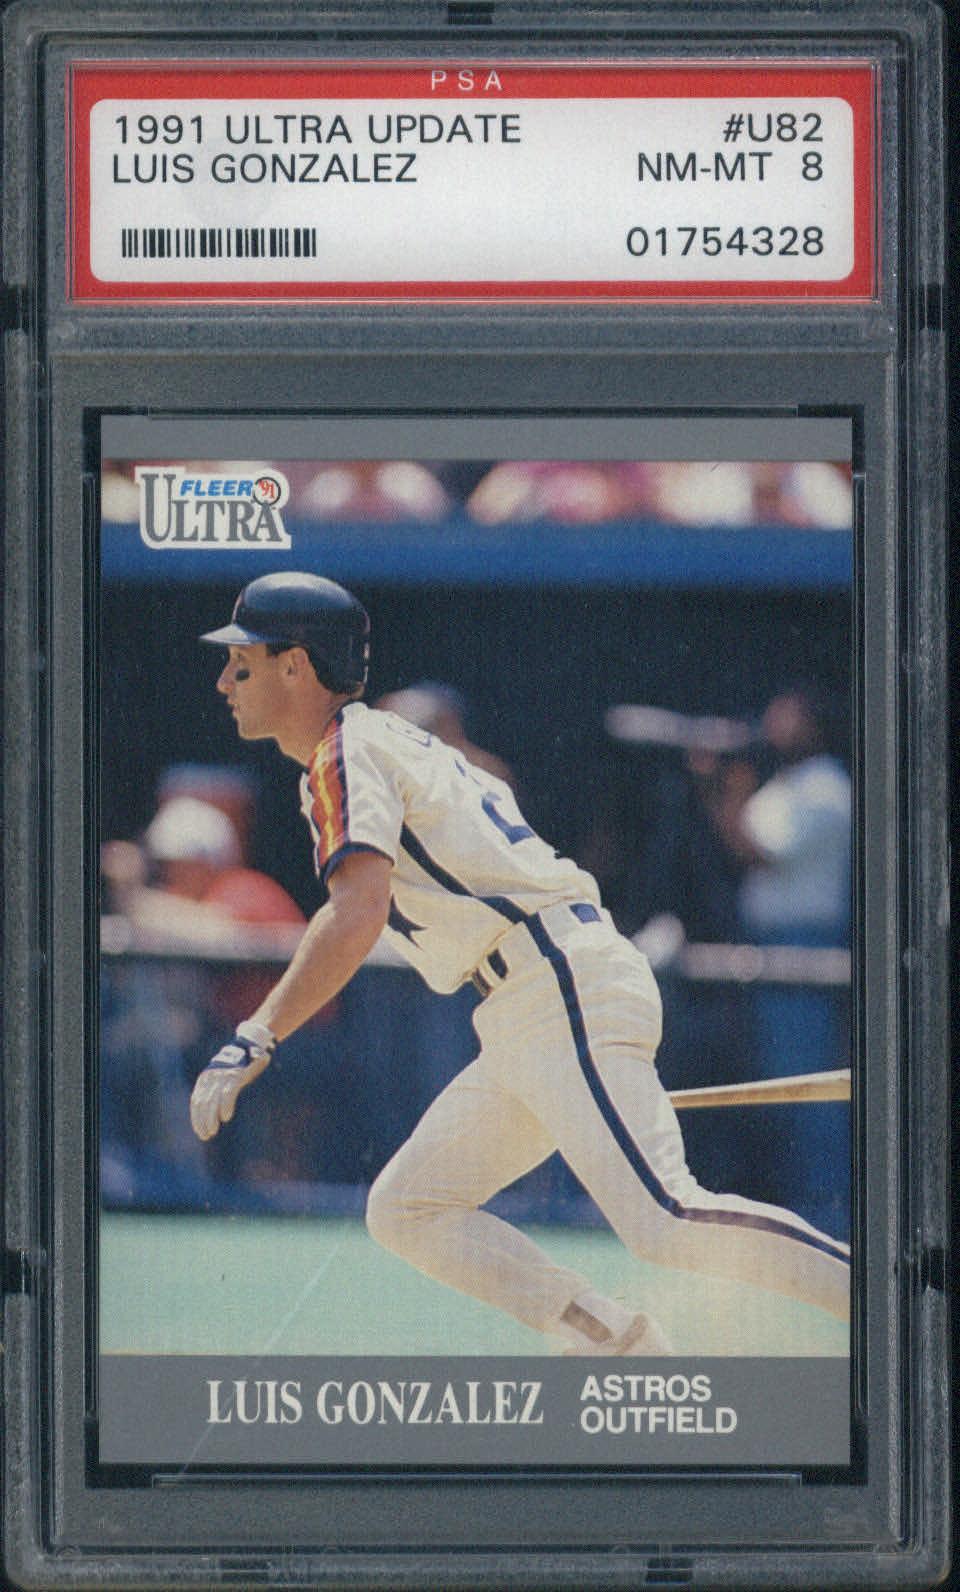 1991 Ultra Update #U82 Luis Gonzalez PSA 8